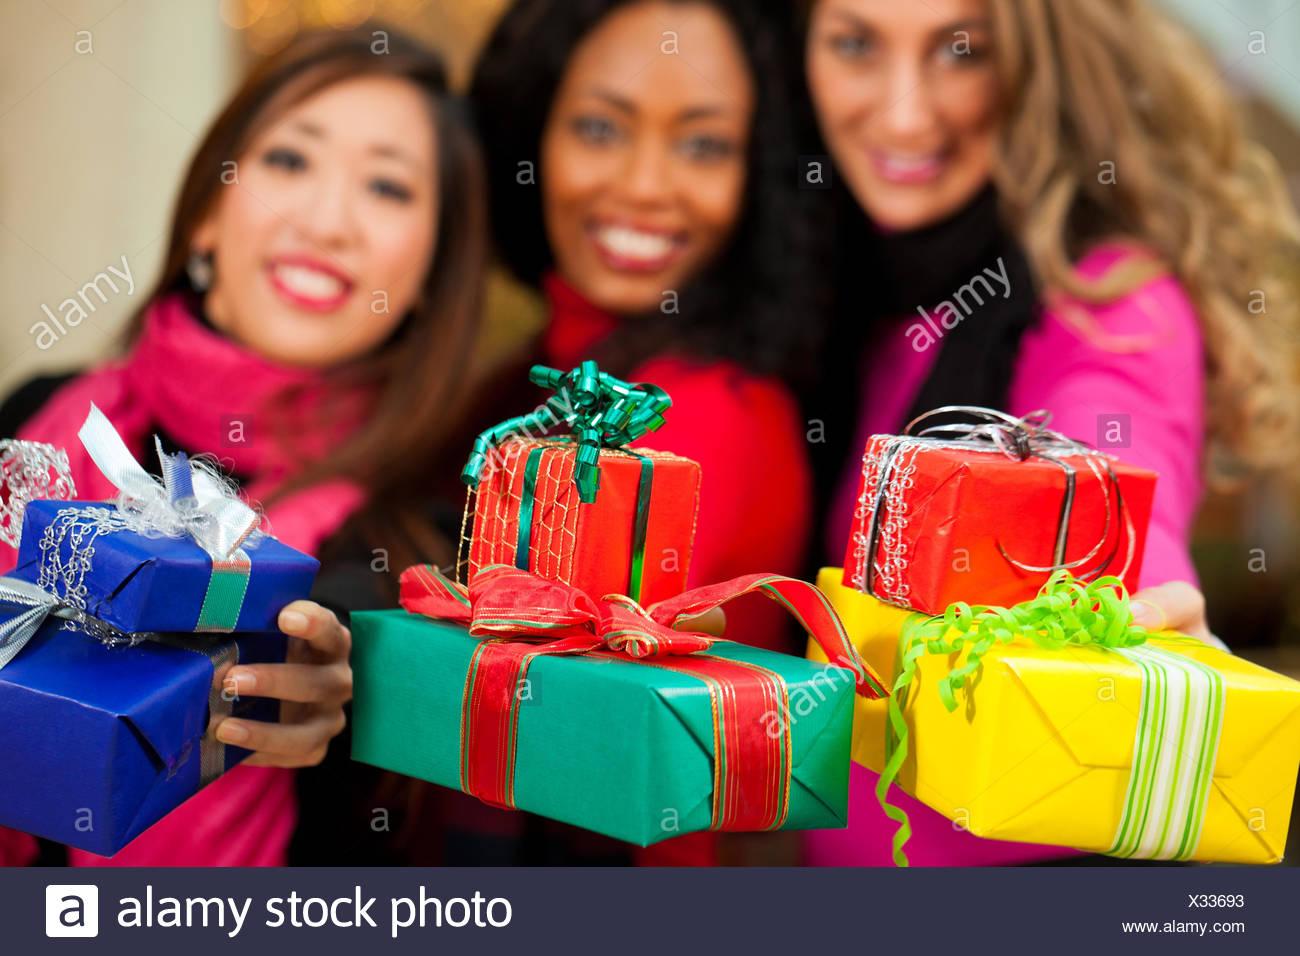 Gruppe von drei Frauen - weiß, schwarz und asiatisch - mit ...